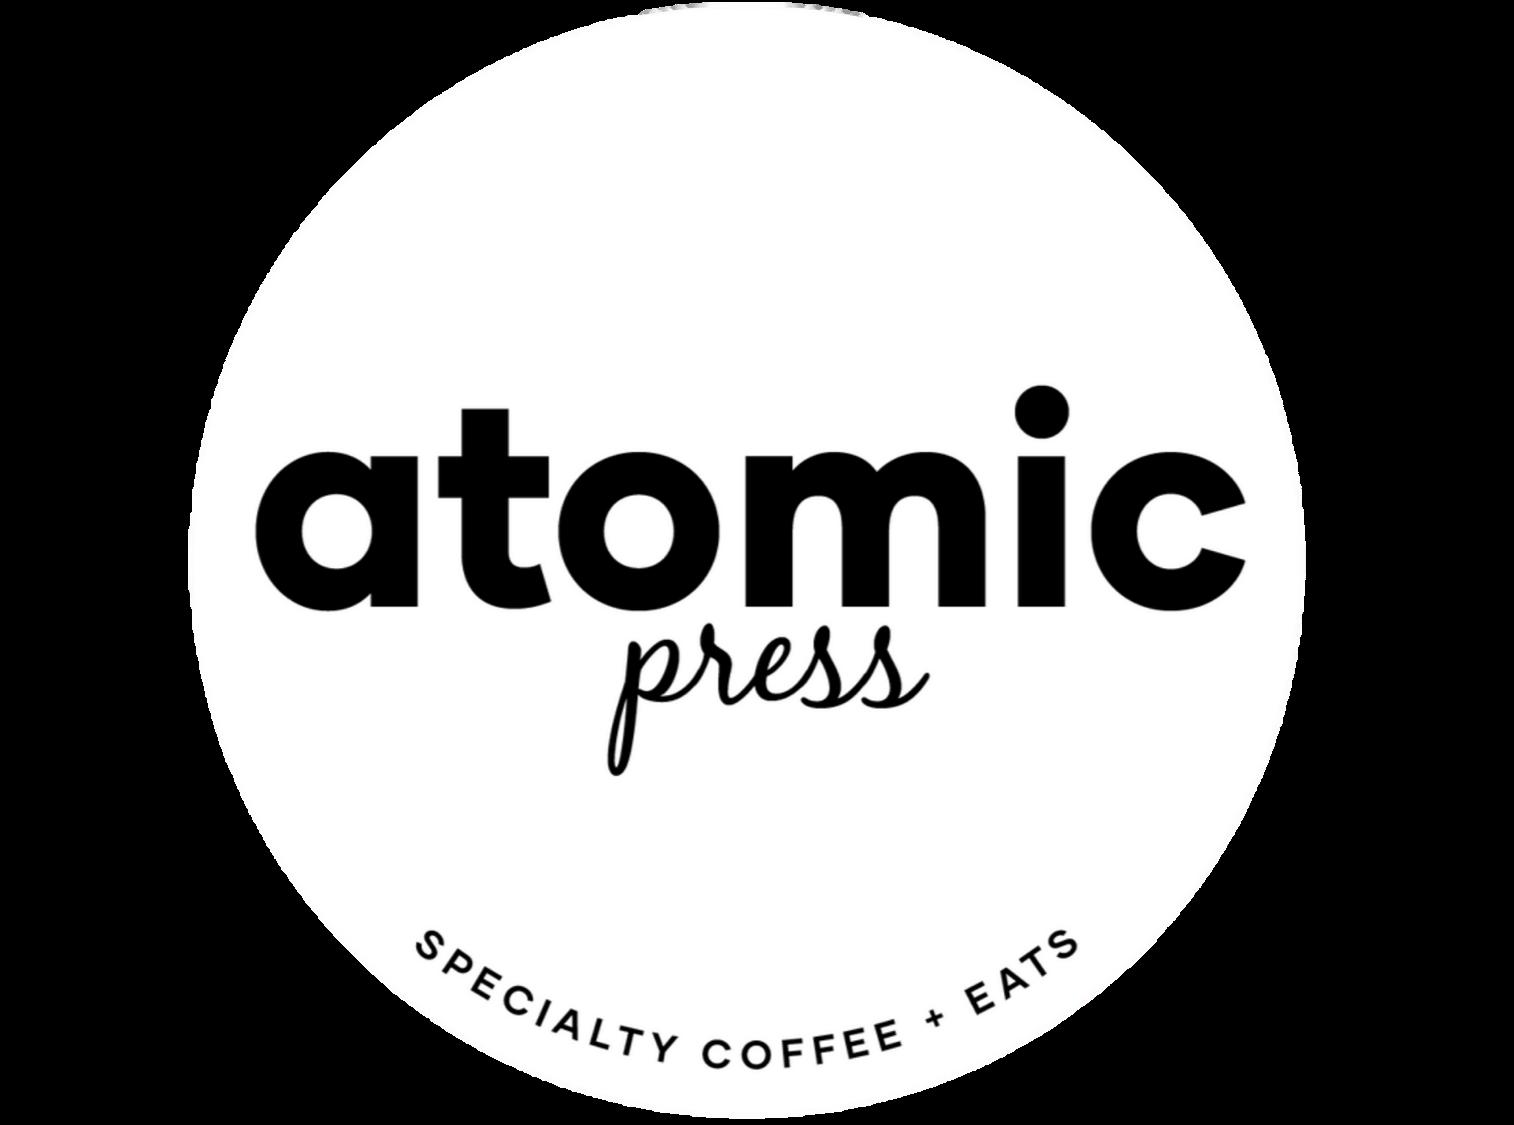 Atomic press logo